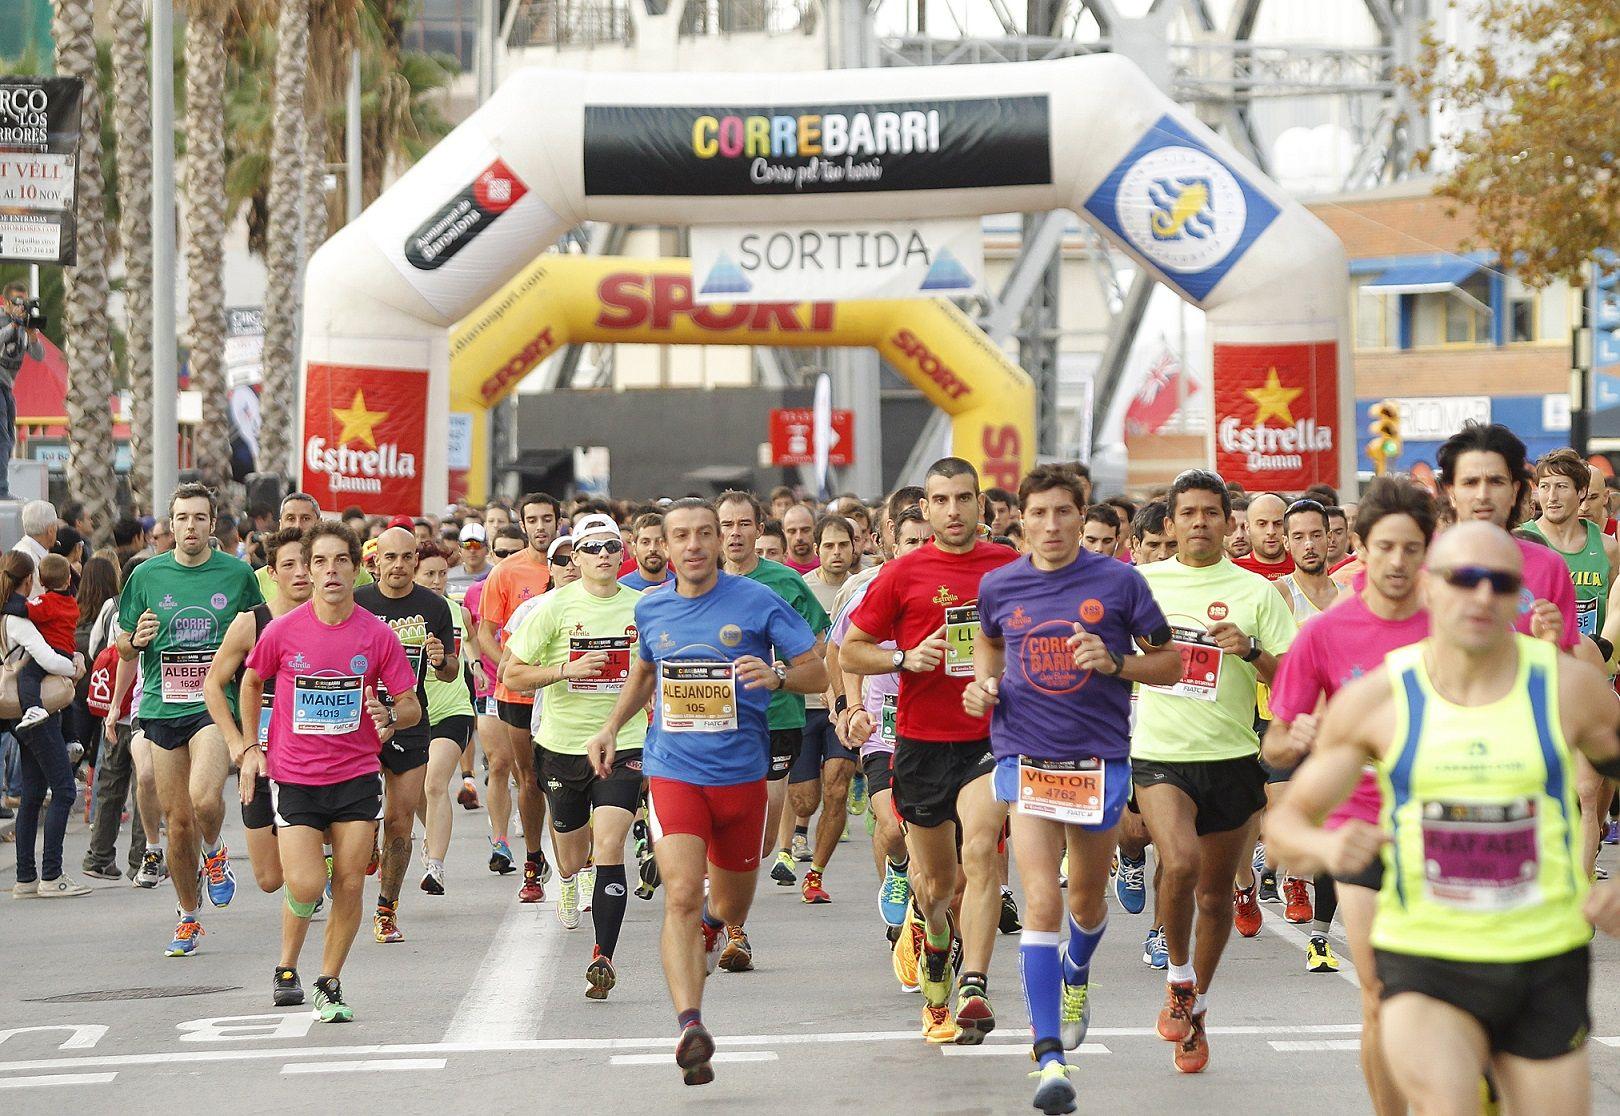 SANT MARTÍ REPETEIX EL TRIOMF AL CORREBARRI 2013 - Atletisme.cat